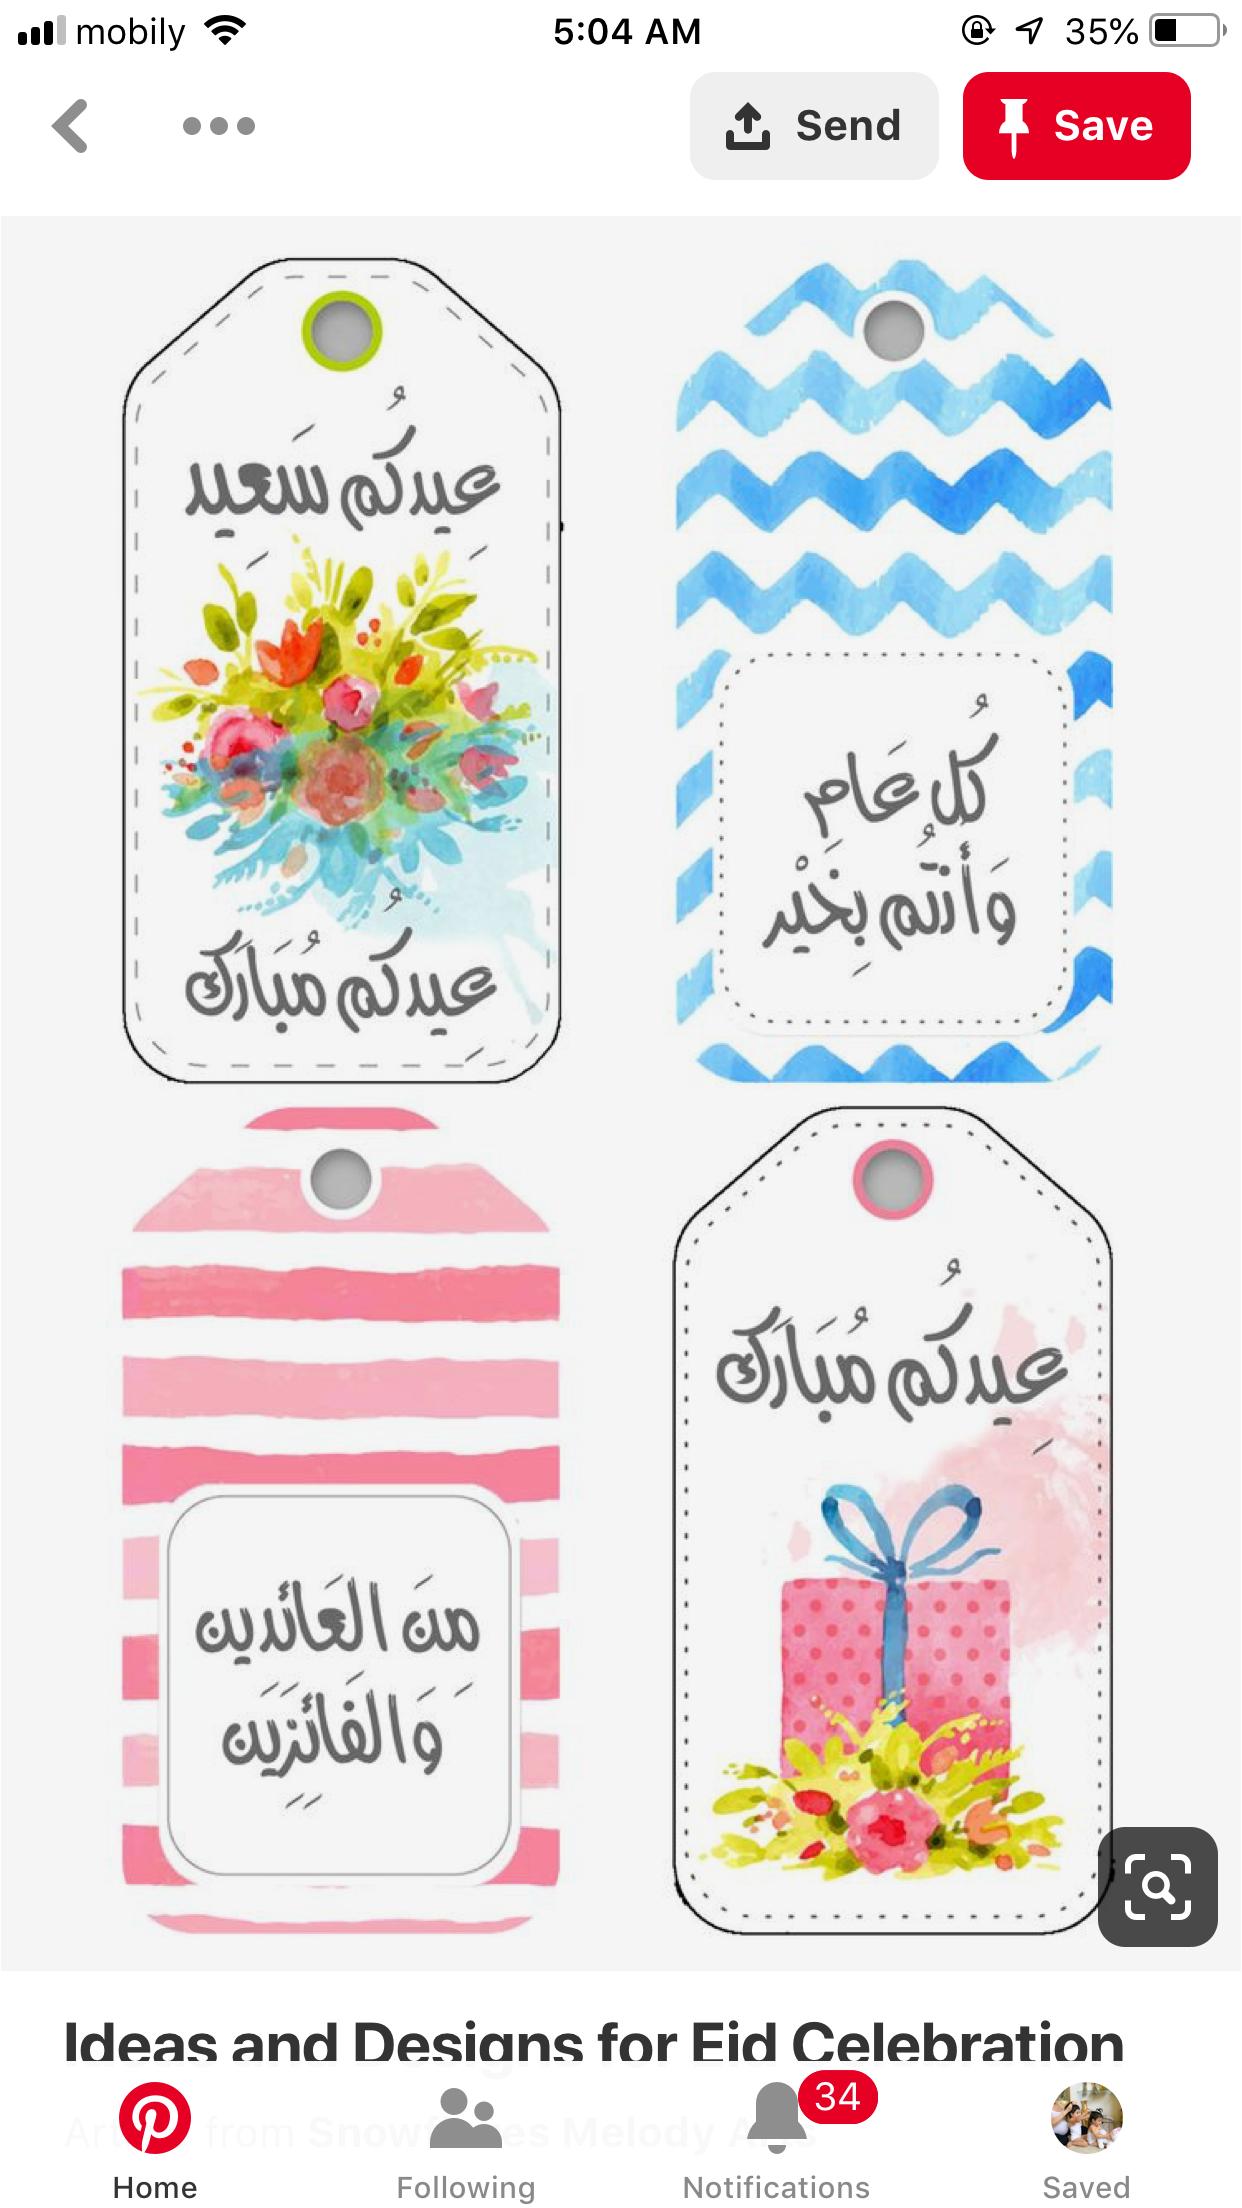 Pin by Manal Qashlan on Eid Eid crafts, Eid gifts, Eid